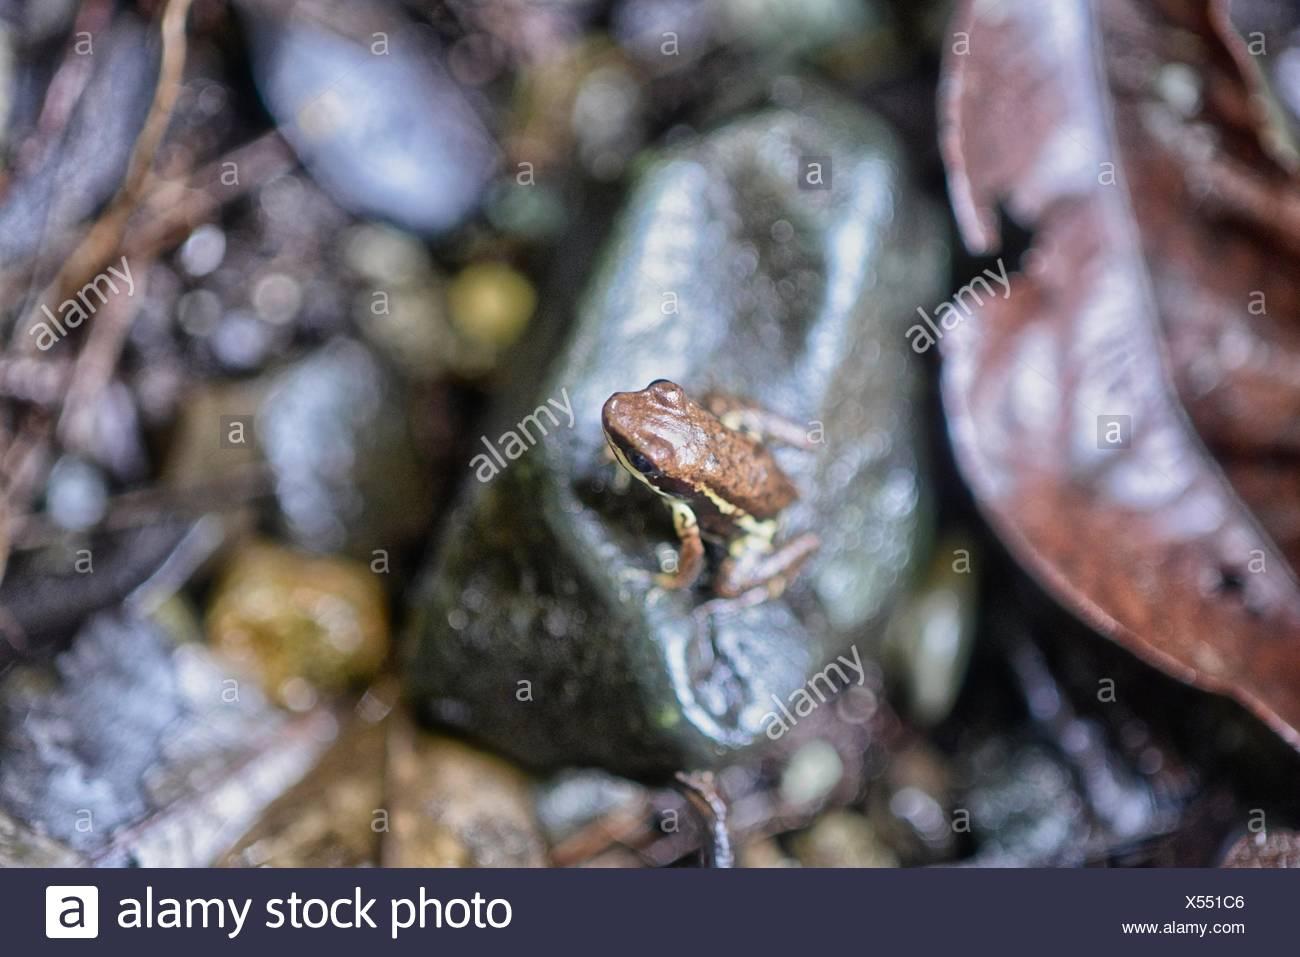 Un alto ángulo de visualización de la rana descansando sobre una roca. Imagen De Stock